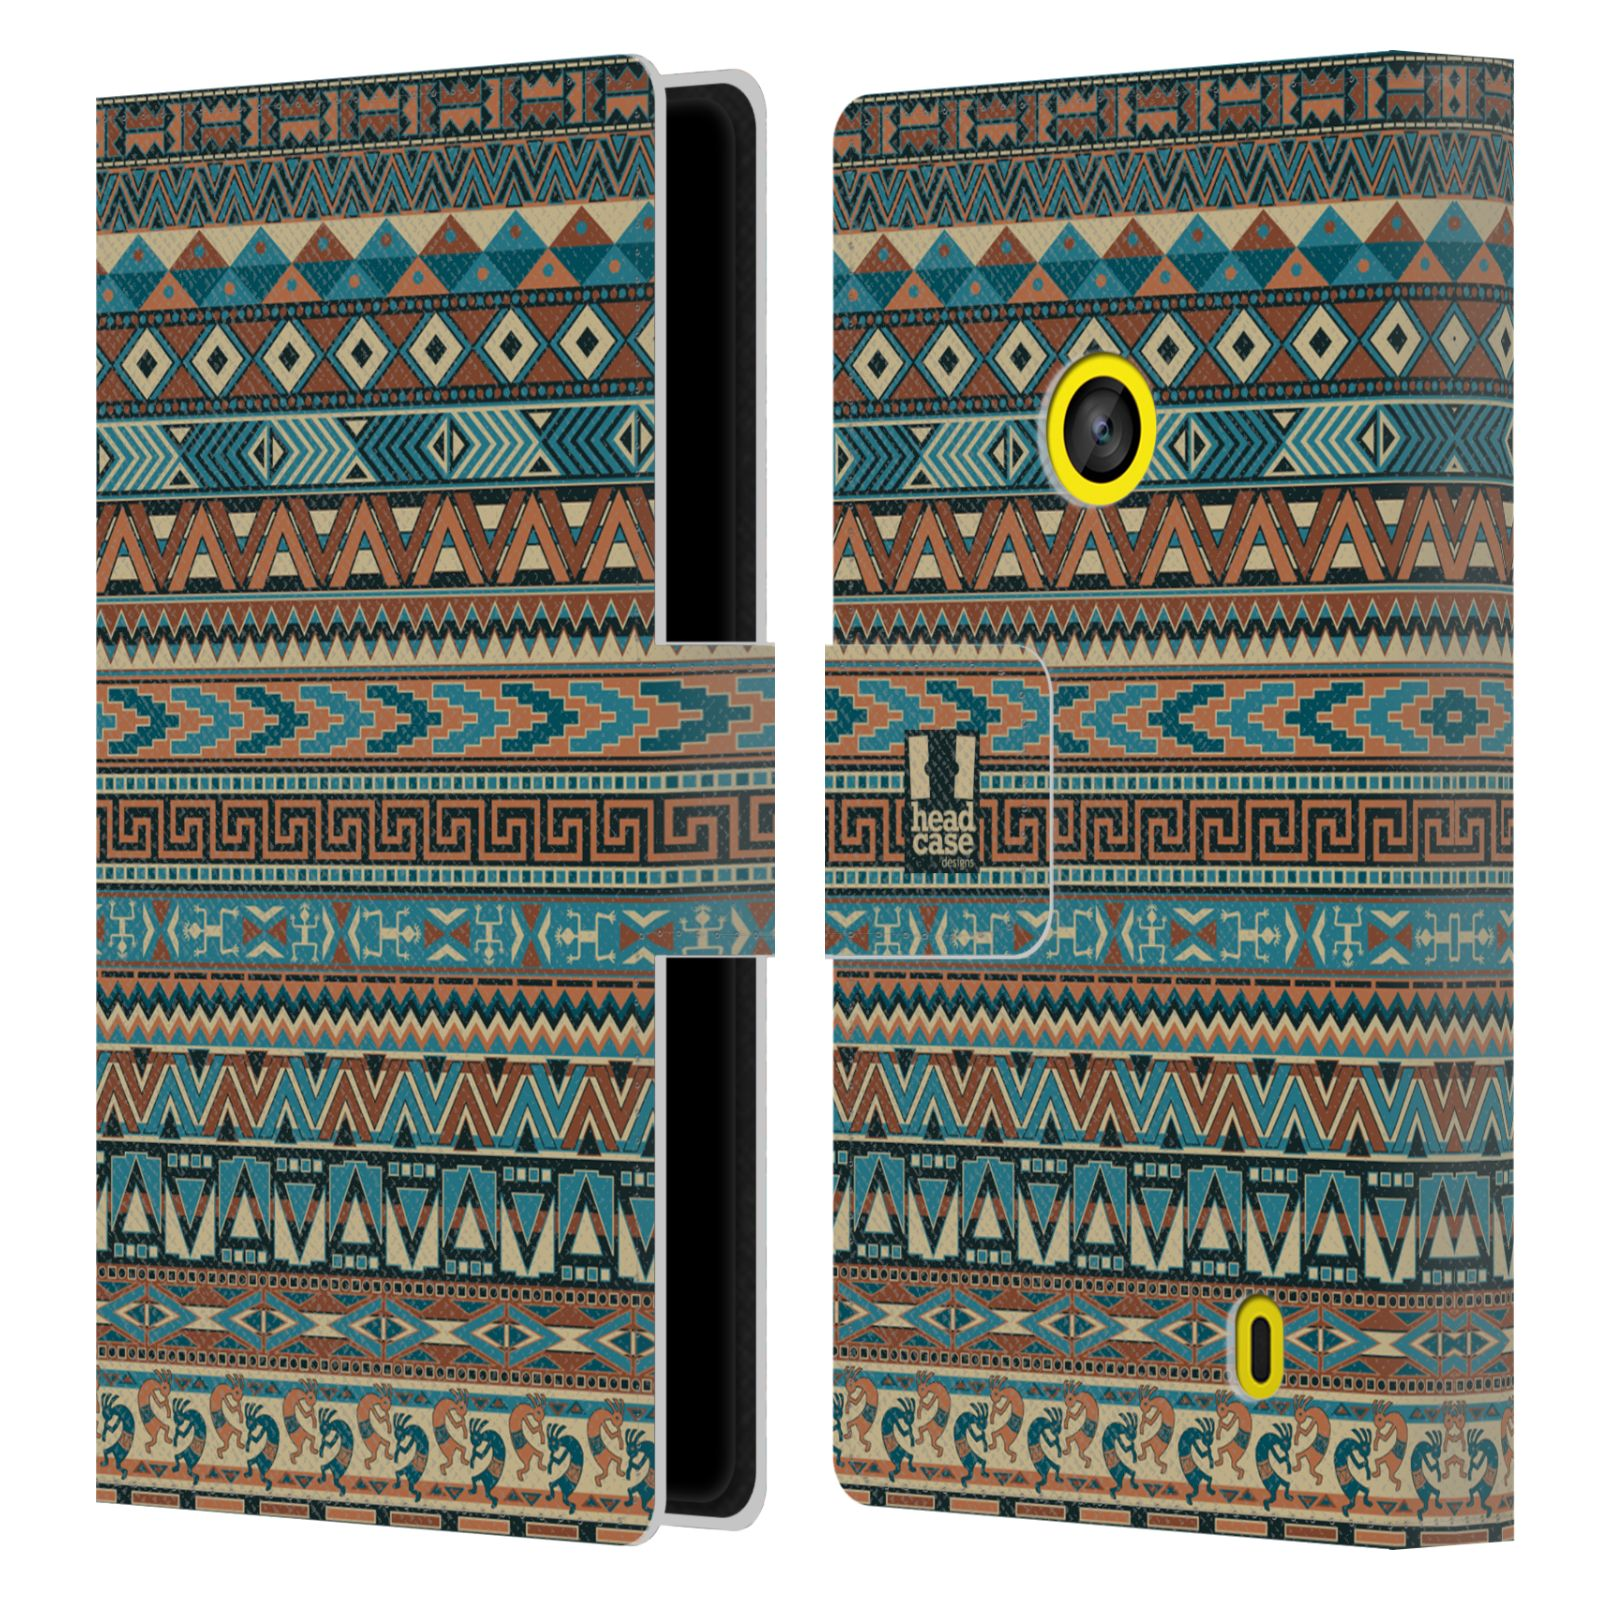 HEAD CASE Flipové pouzdro pro mobil NOKIA LUMIA 520 / 525 Indiánský vzor BLUE modrá